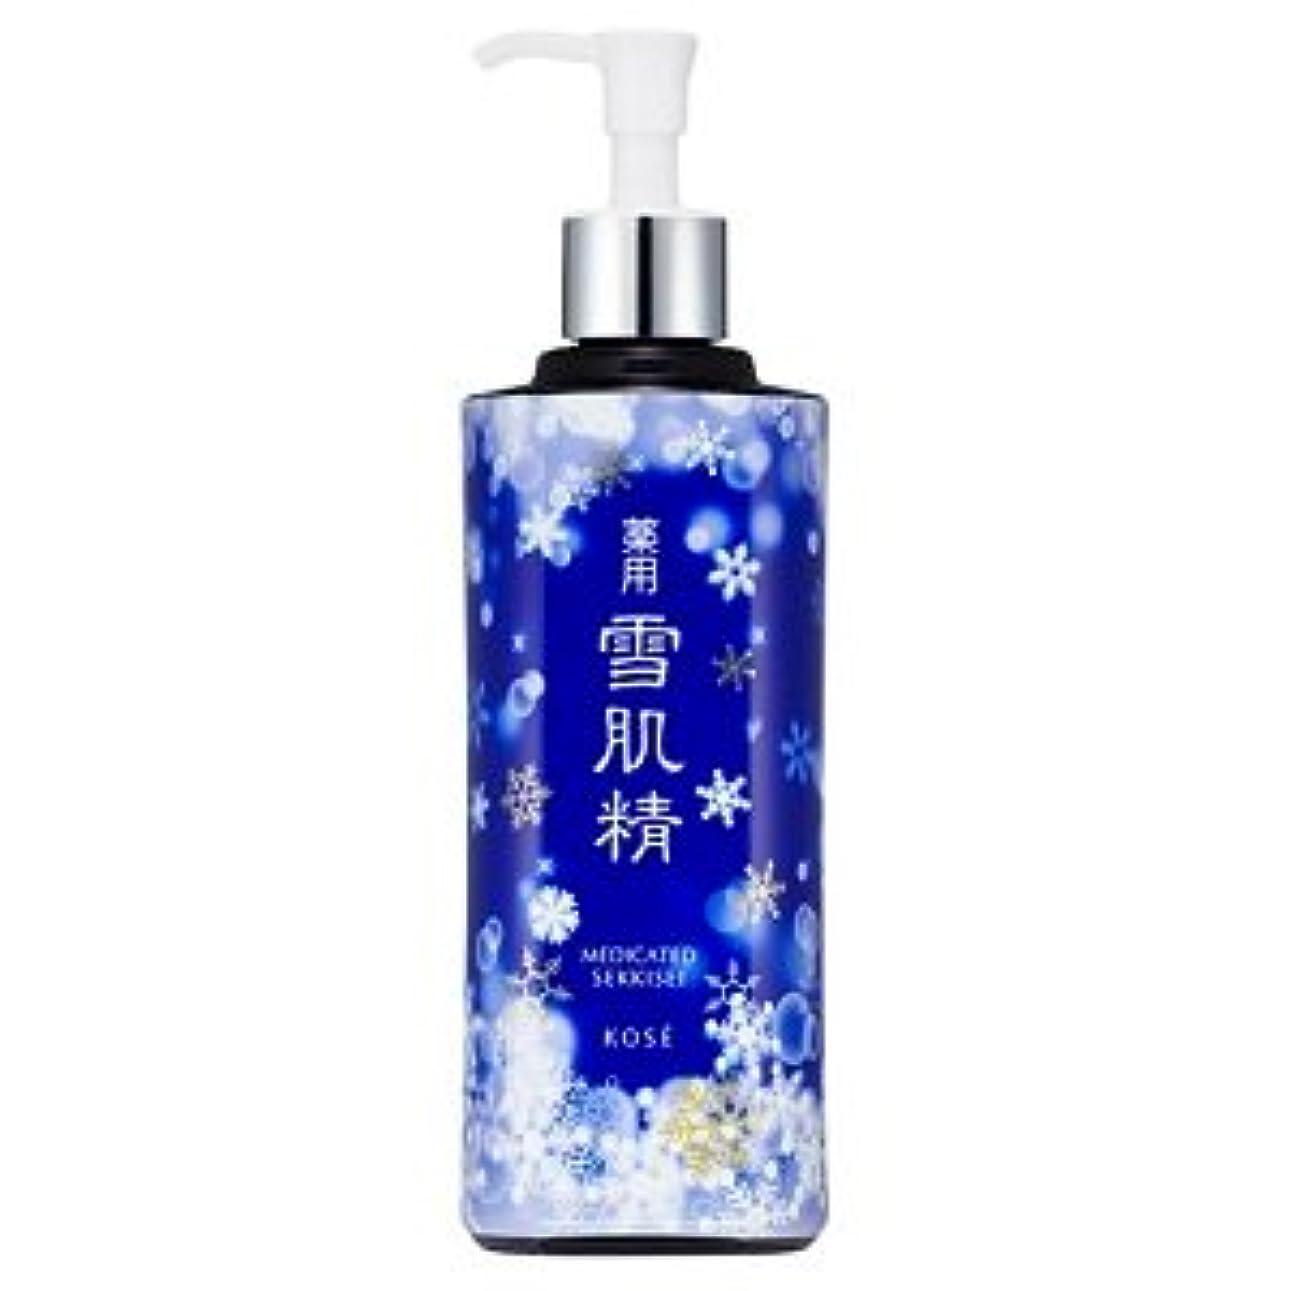 反動アライメントモナリザコーセー 雪肌精 薬用 雪肌精 2016 Winterデザイン 500ml